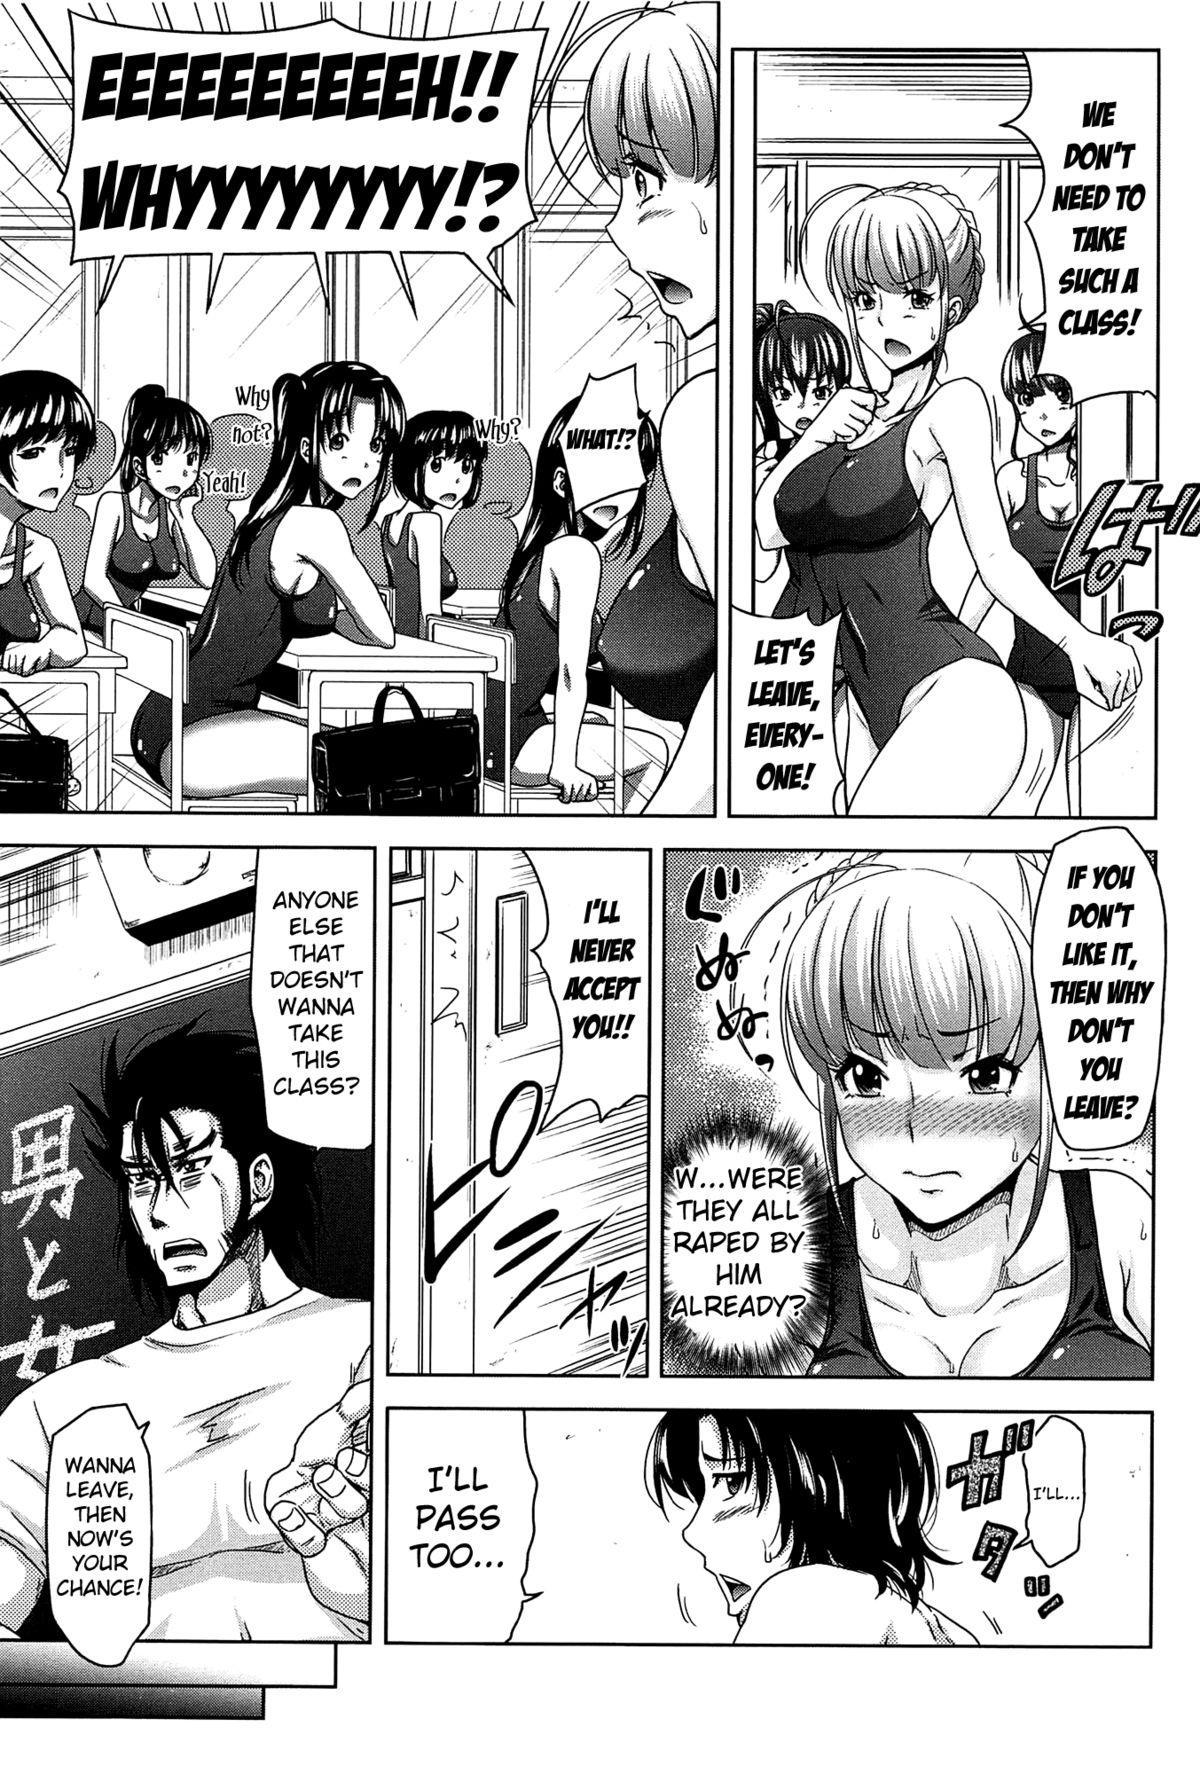 [Takuwan] H♥ERO -Sei no Kyoushitsu- Ch. 0-4 [English] [Mikakunin] 71